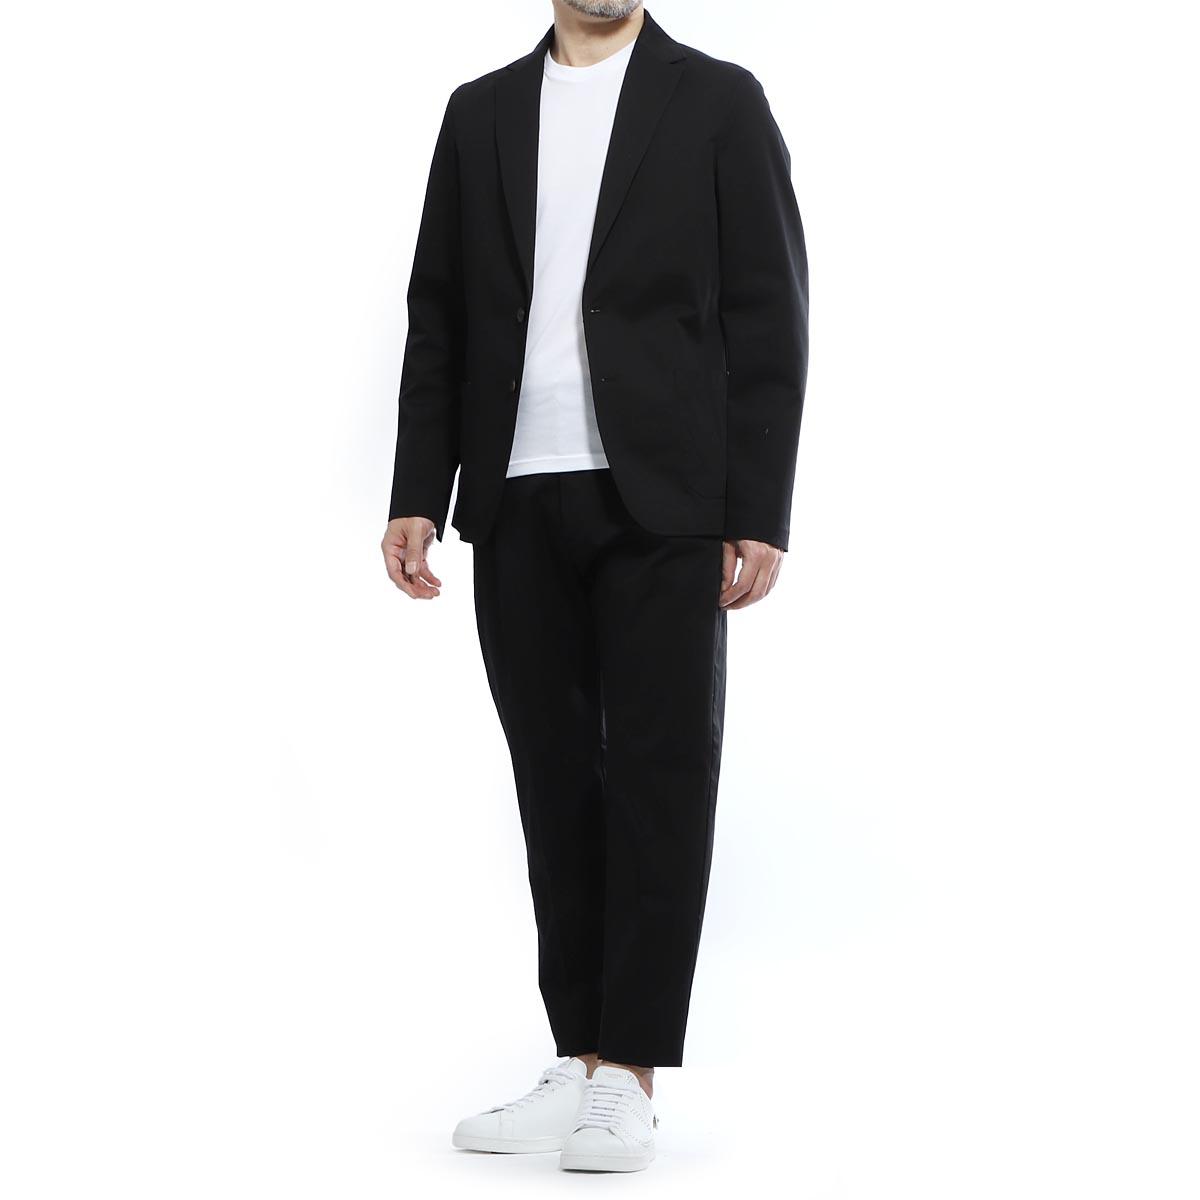 ティージャケット T-JACKET シングル 2つボタンスーツ ブラック メンズ テーラード ジャケット パンツ カジュアル セットアップ 51ba419j 1268u 990 MAN FIT T-SUIT【あす楽対応_関東】【返品送料無料】